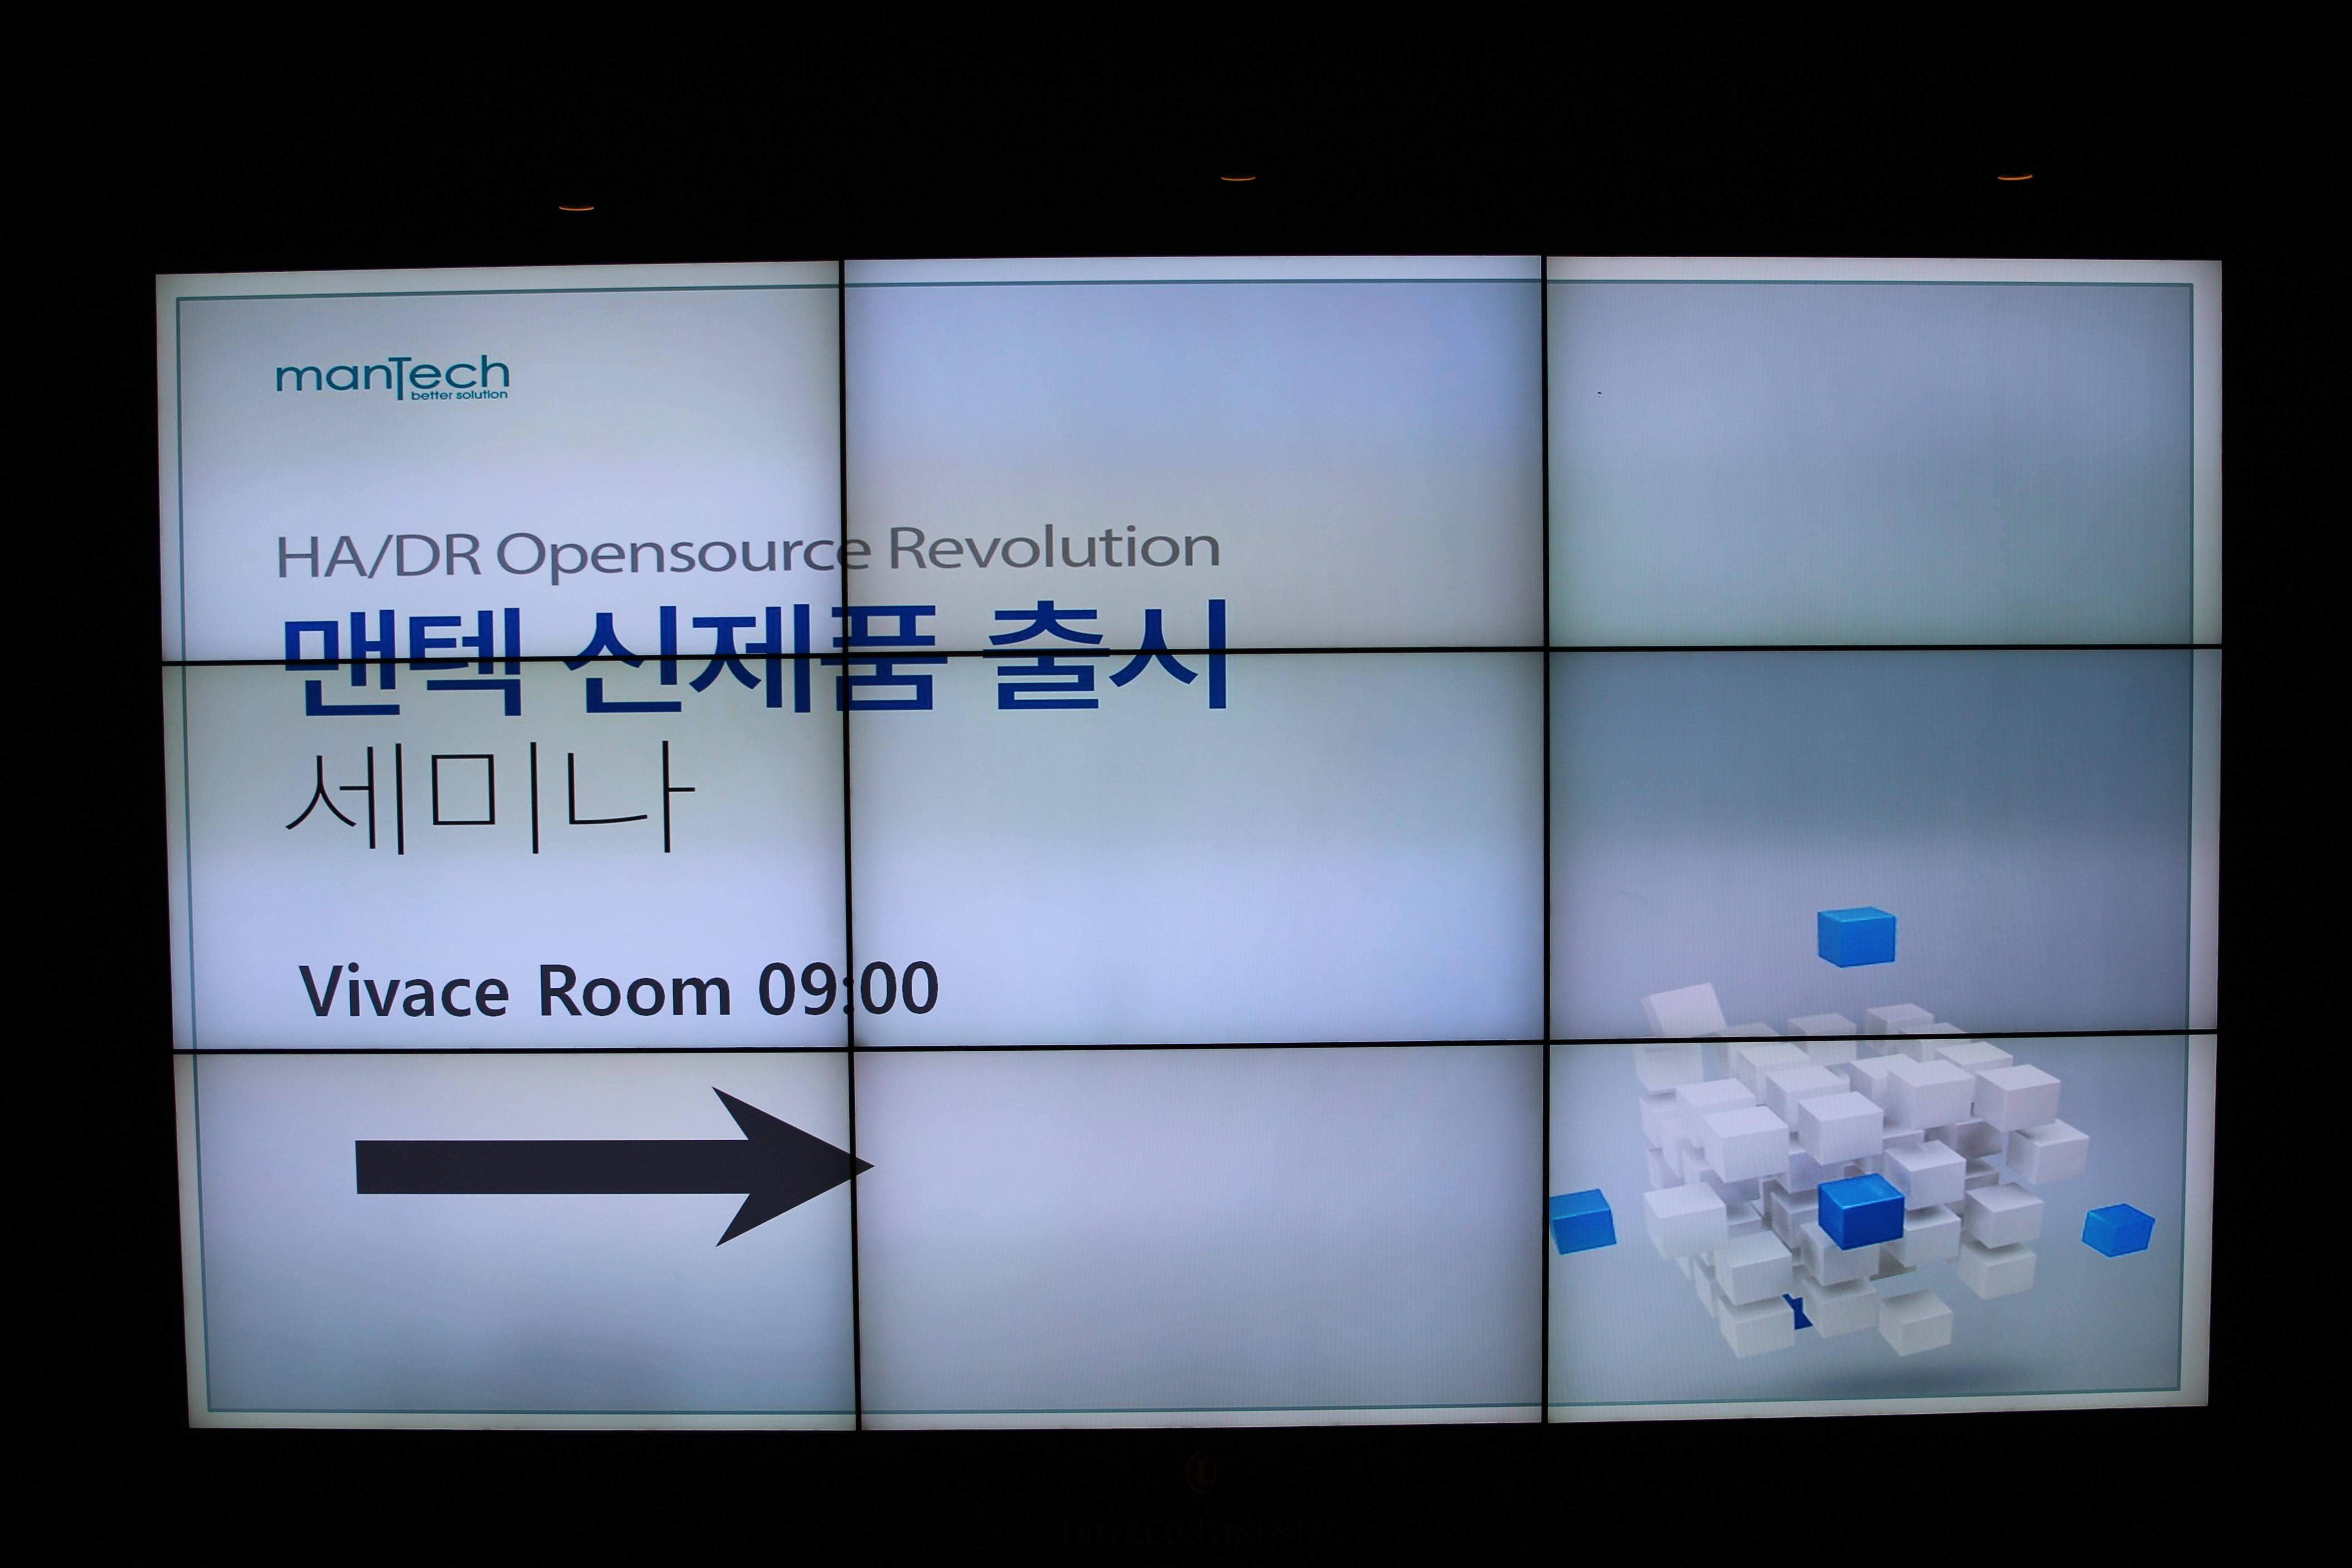 2016년 06월 23일, HA/DR OpenSource Revolution 세미나 성황리 마무리